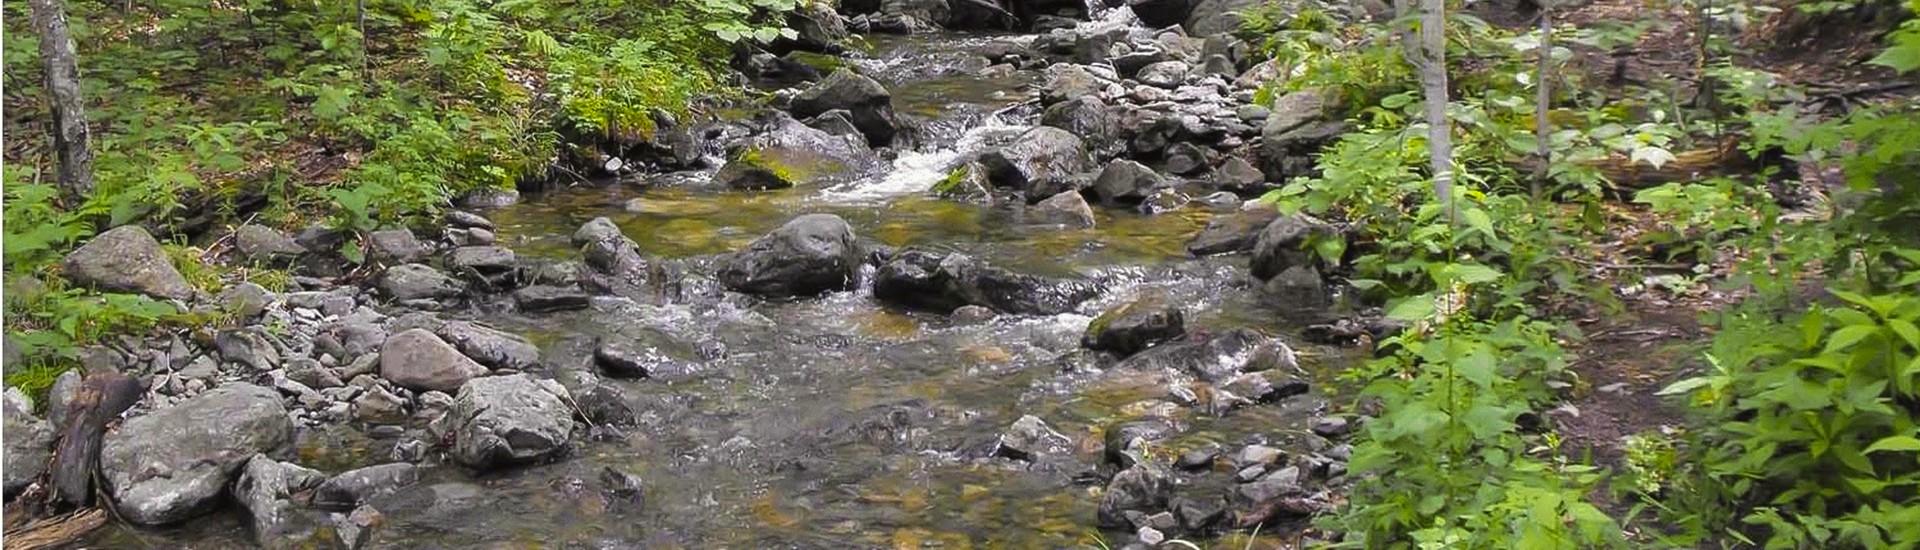 ruisseau FSC_